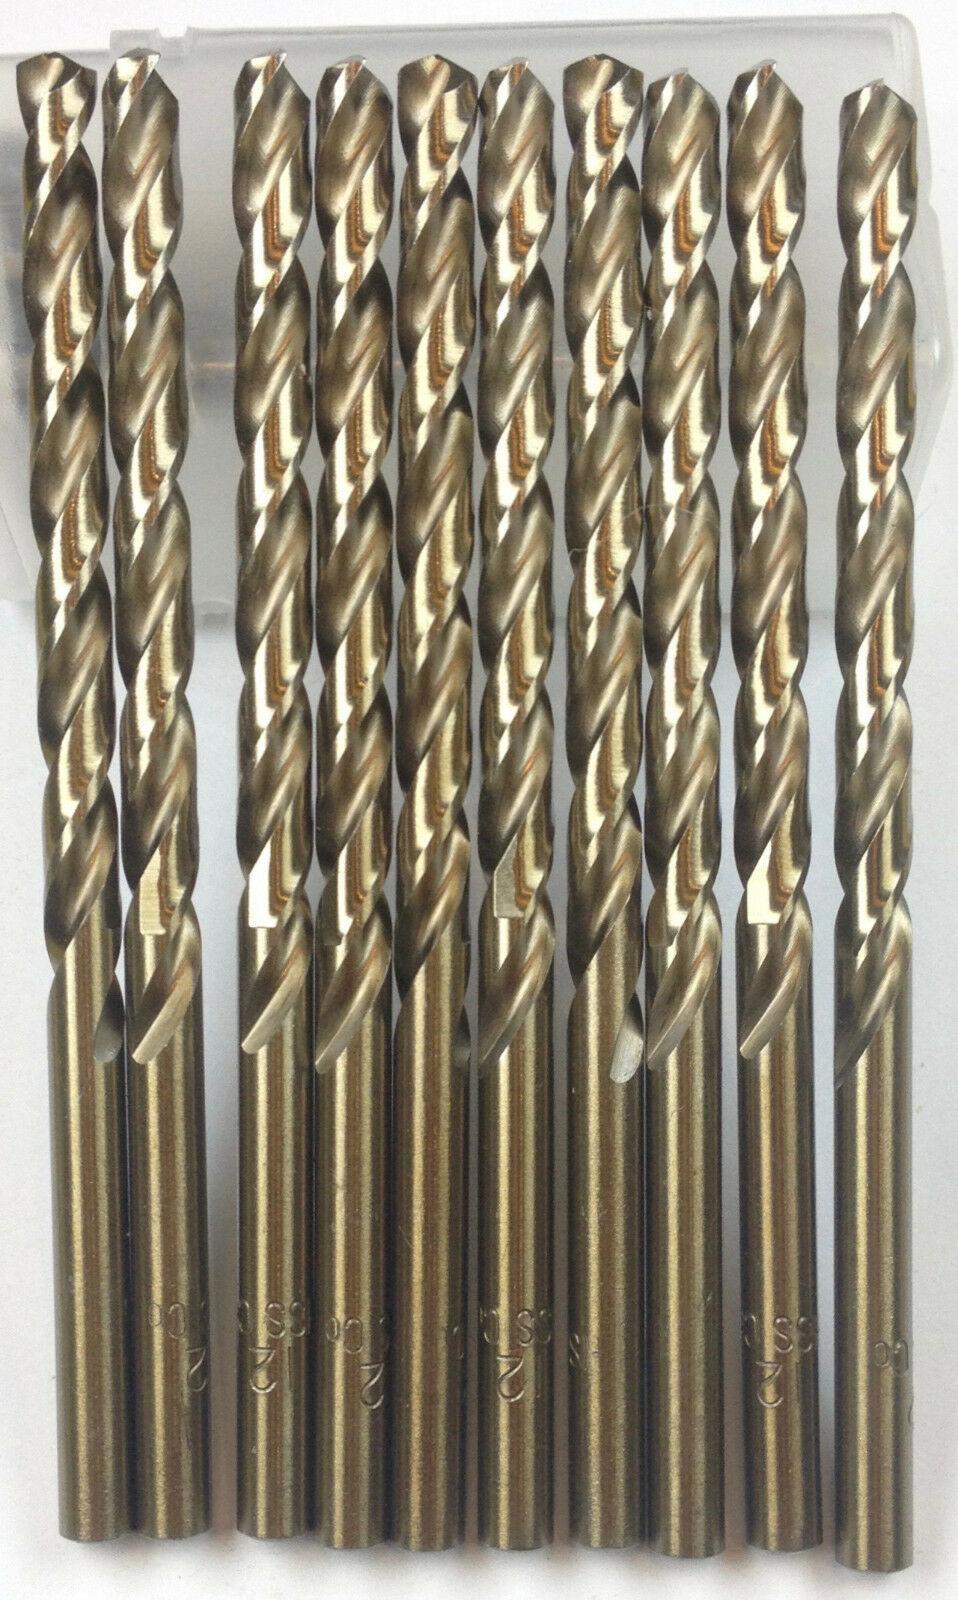 #26 3 Cobalt 135 Deg Jobber Length Drill Bit